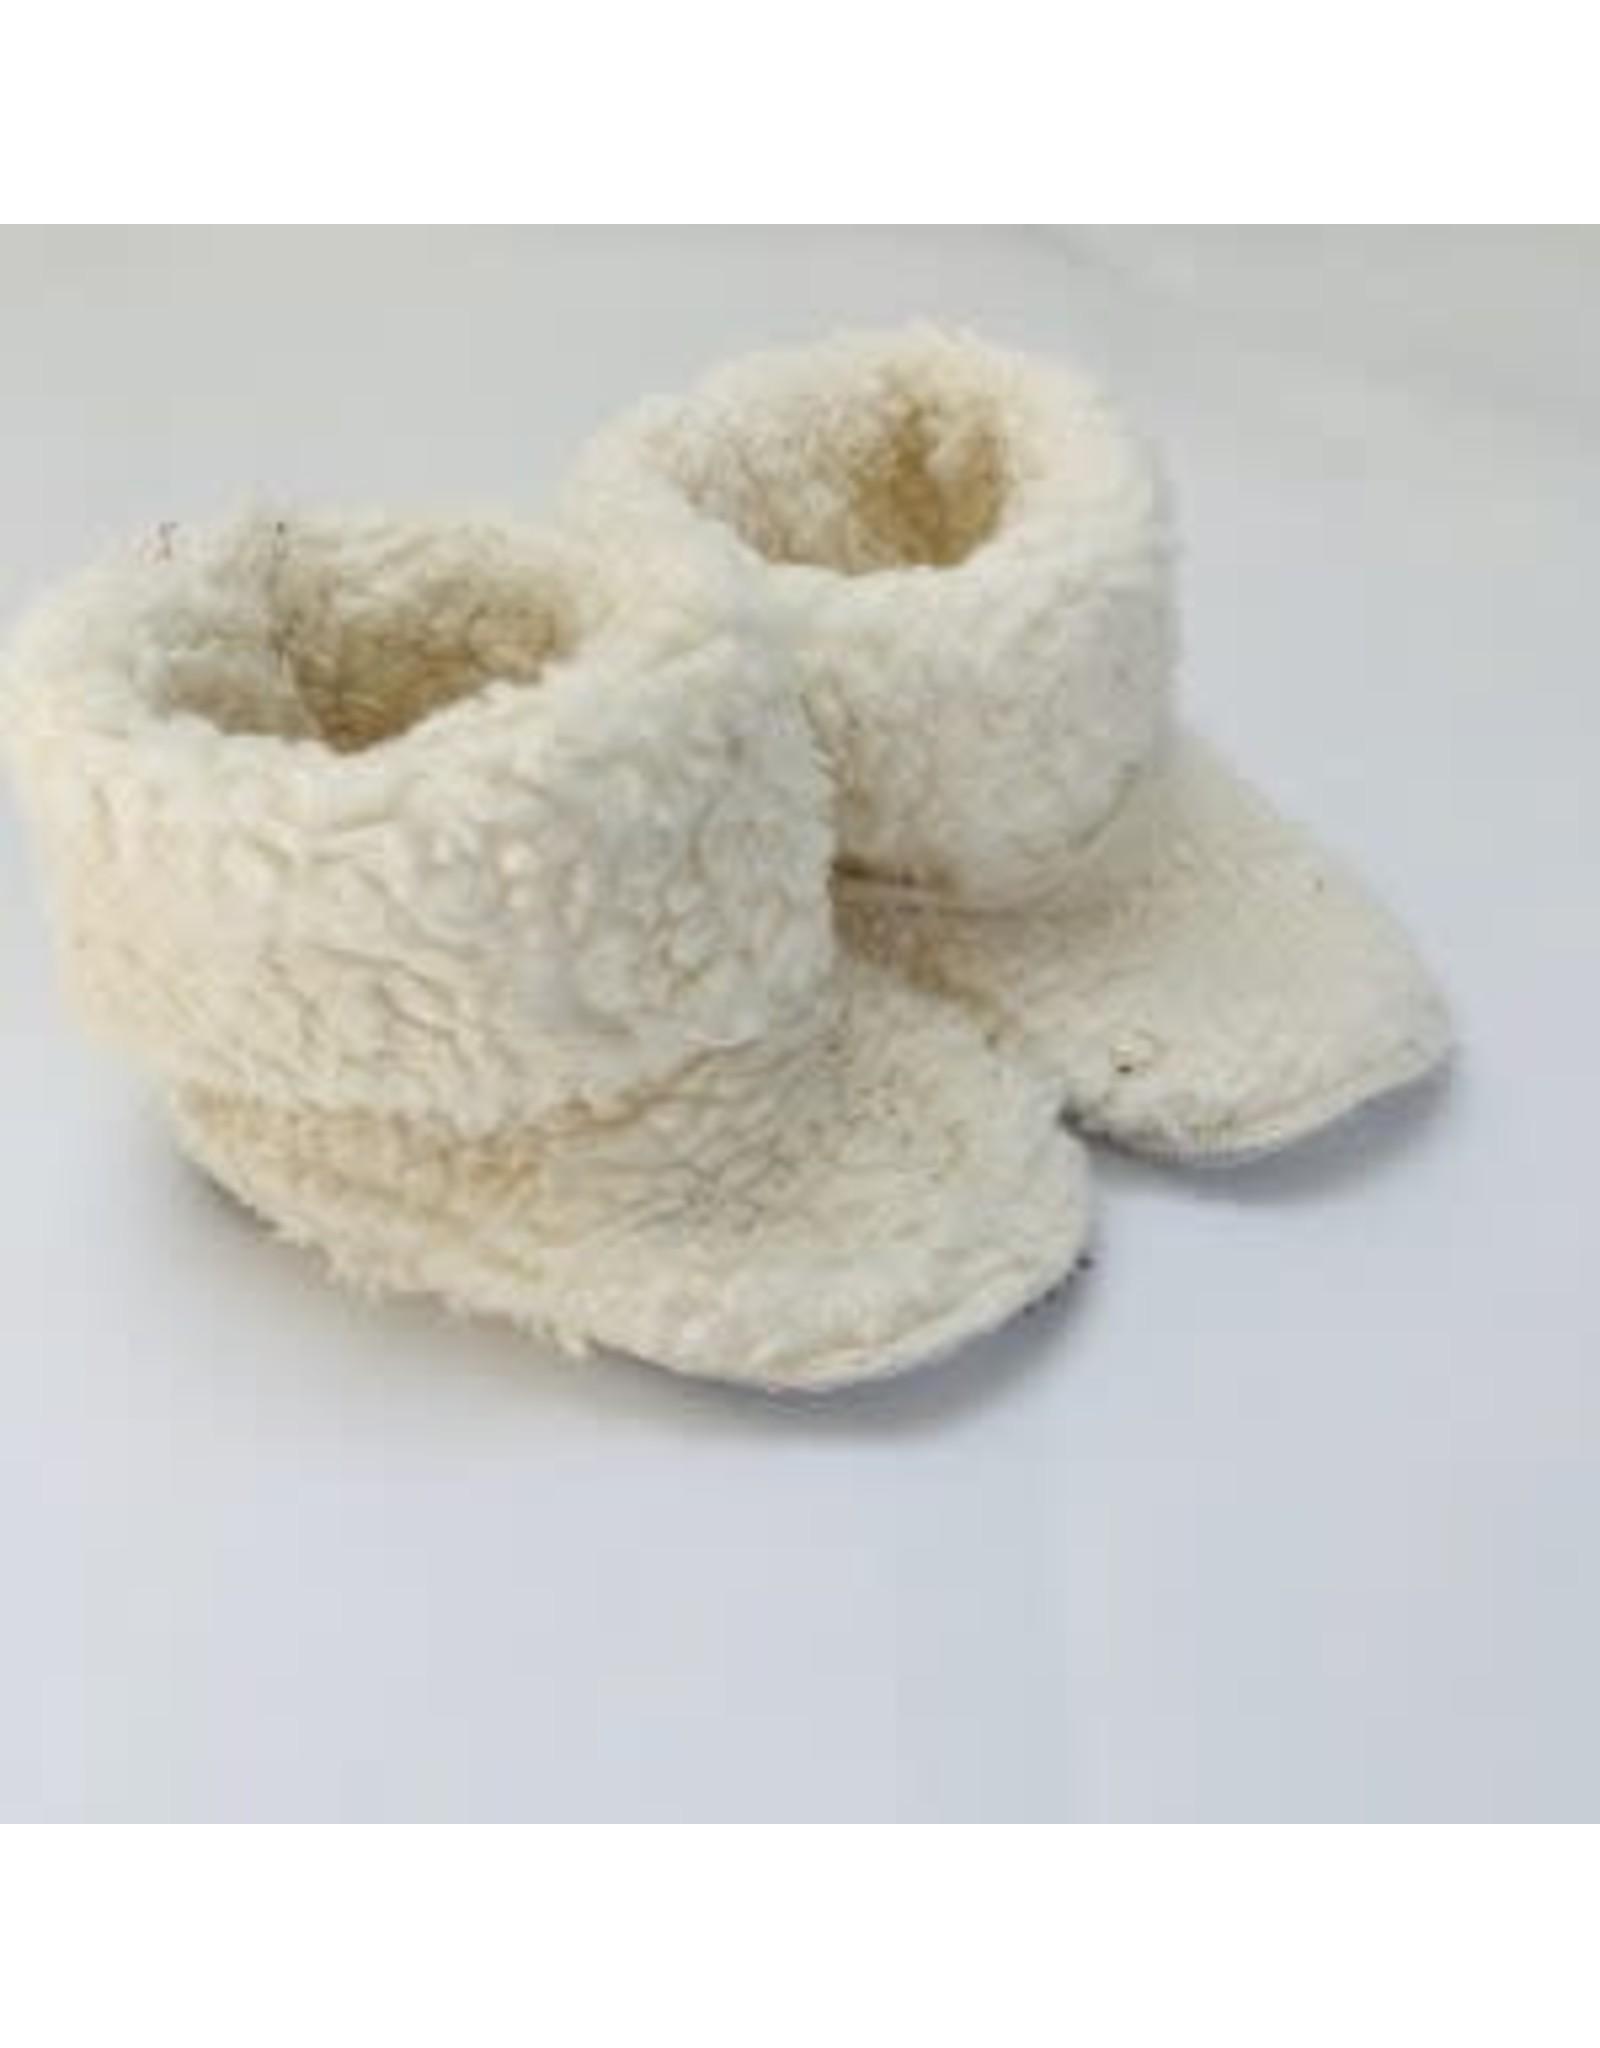 Nanami Nanami Shoes Teddy Size 1 (1-4m)